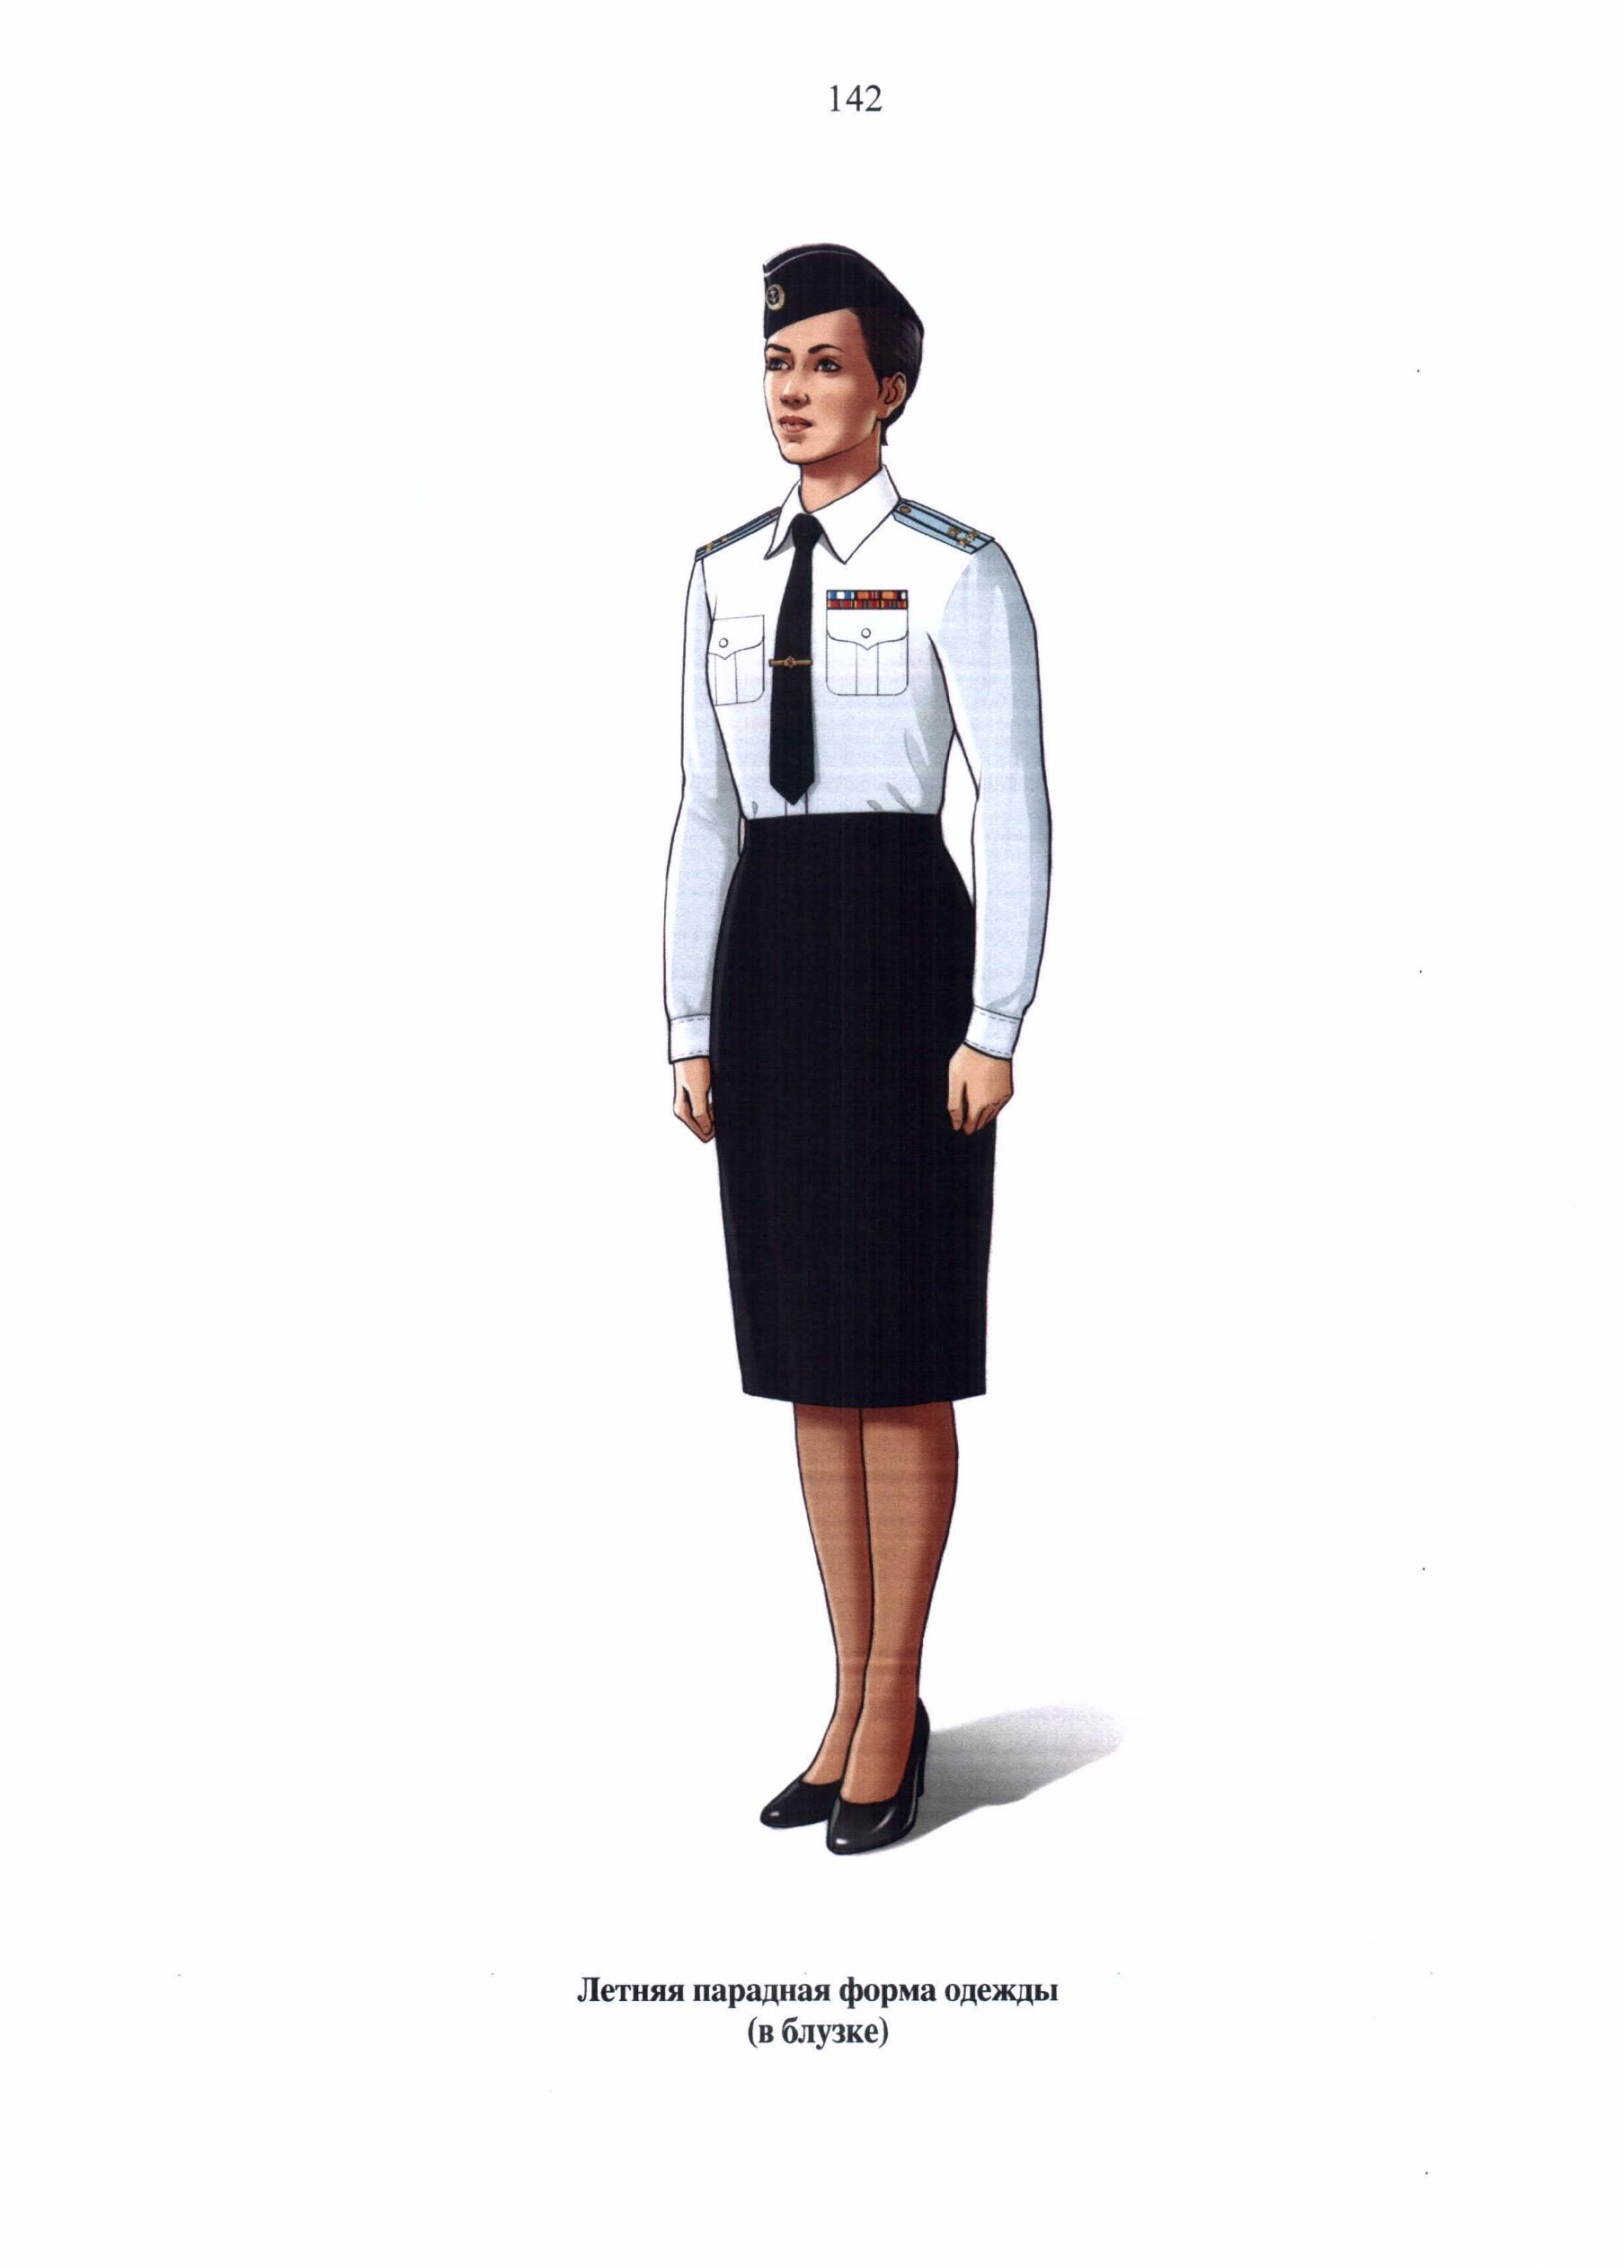 C:\Users\User\Desktop\Приказ МО РФ от 22.06.2015 г. № 300 Правила ношения военной формы одежды\181202.JPG